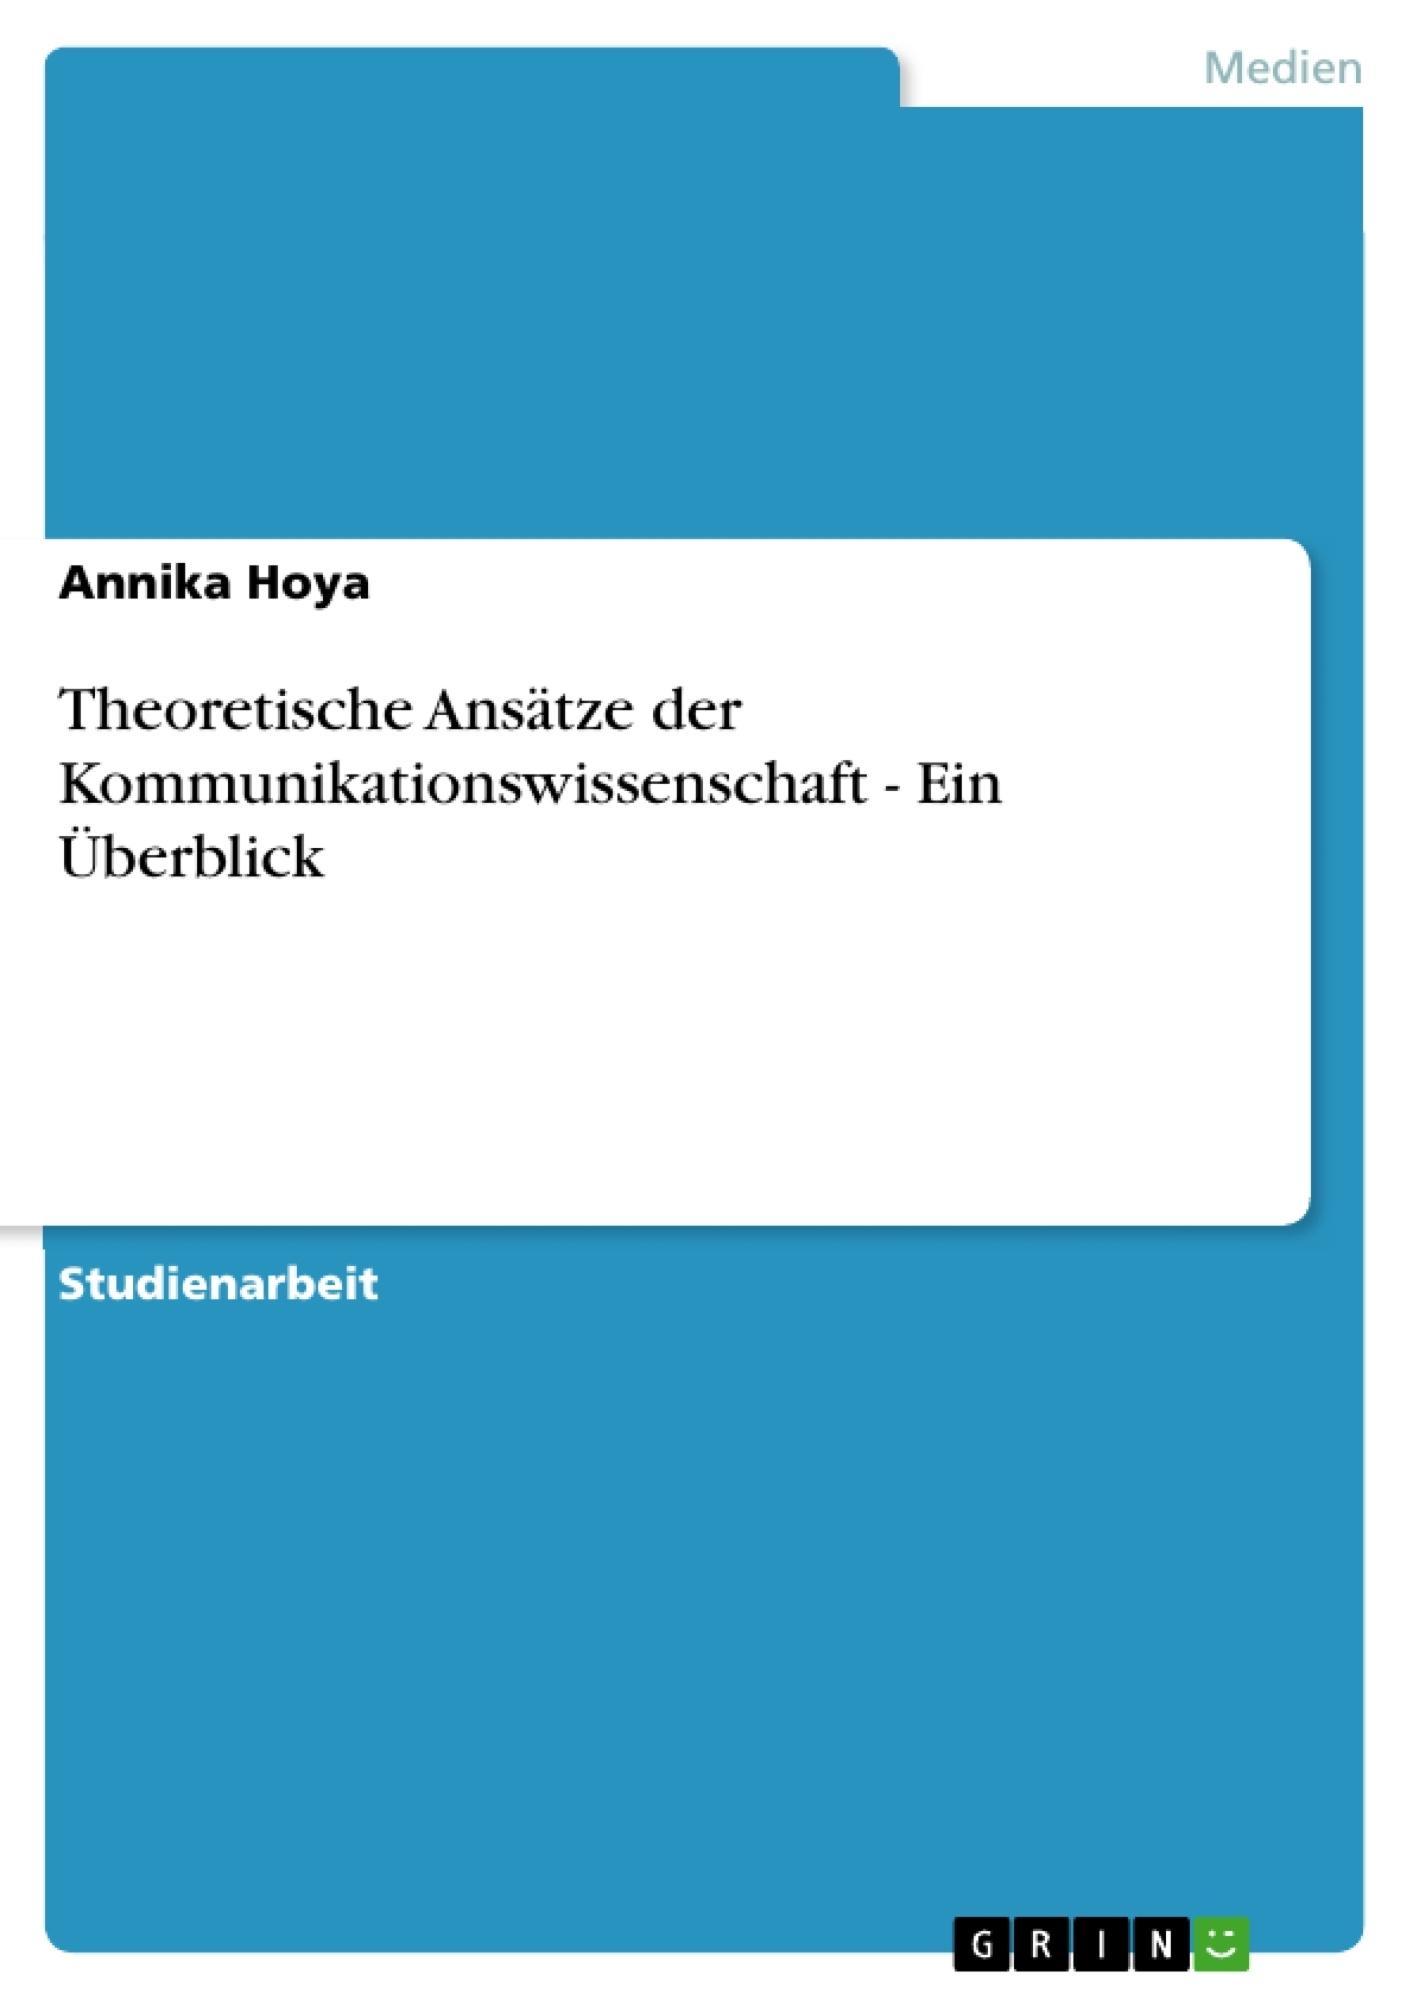 Titel: Theoretische Ansätze der Kommunikationswissenschaft - Ein Überblick